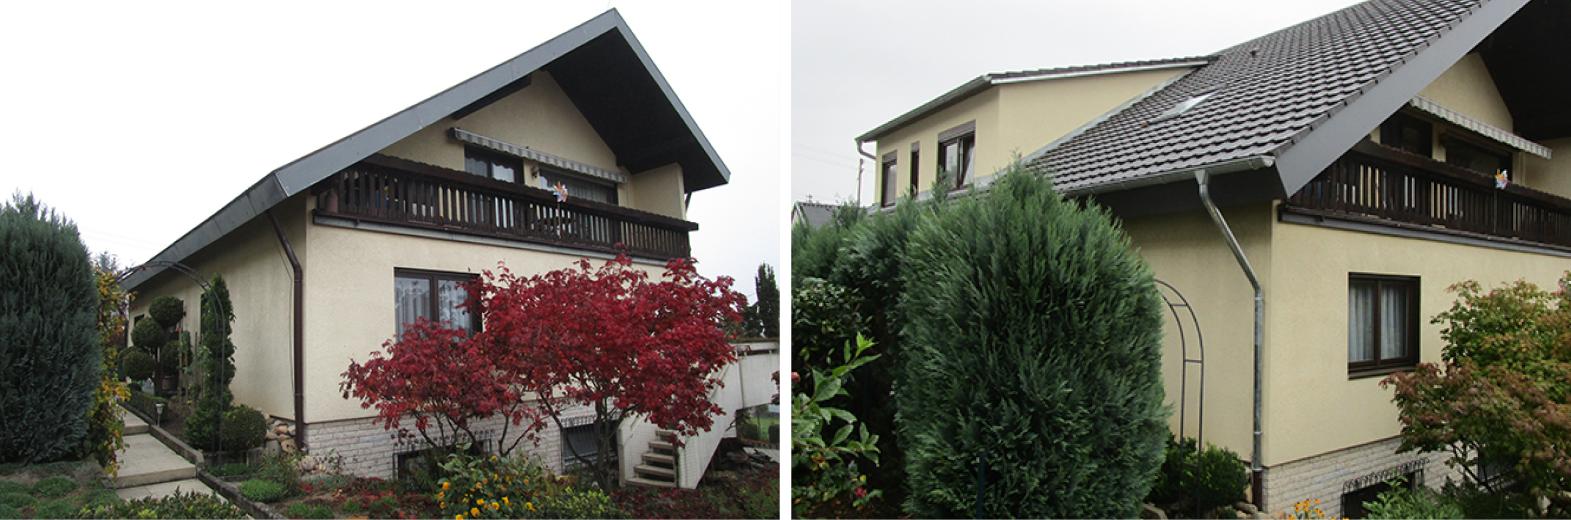 Dachgeschoss-Umbau mit neuer Gaube bei optimaler Dämmung